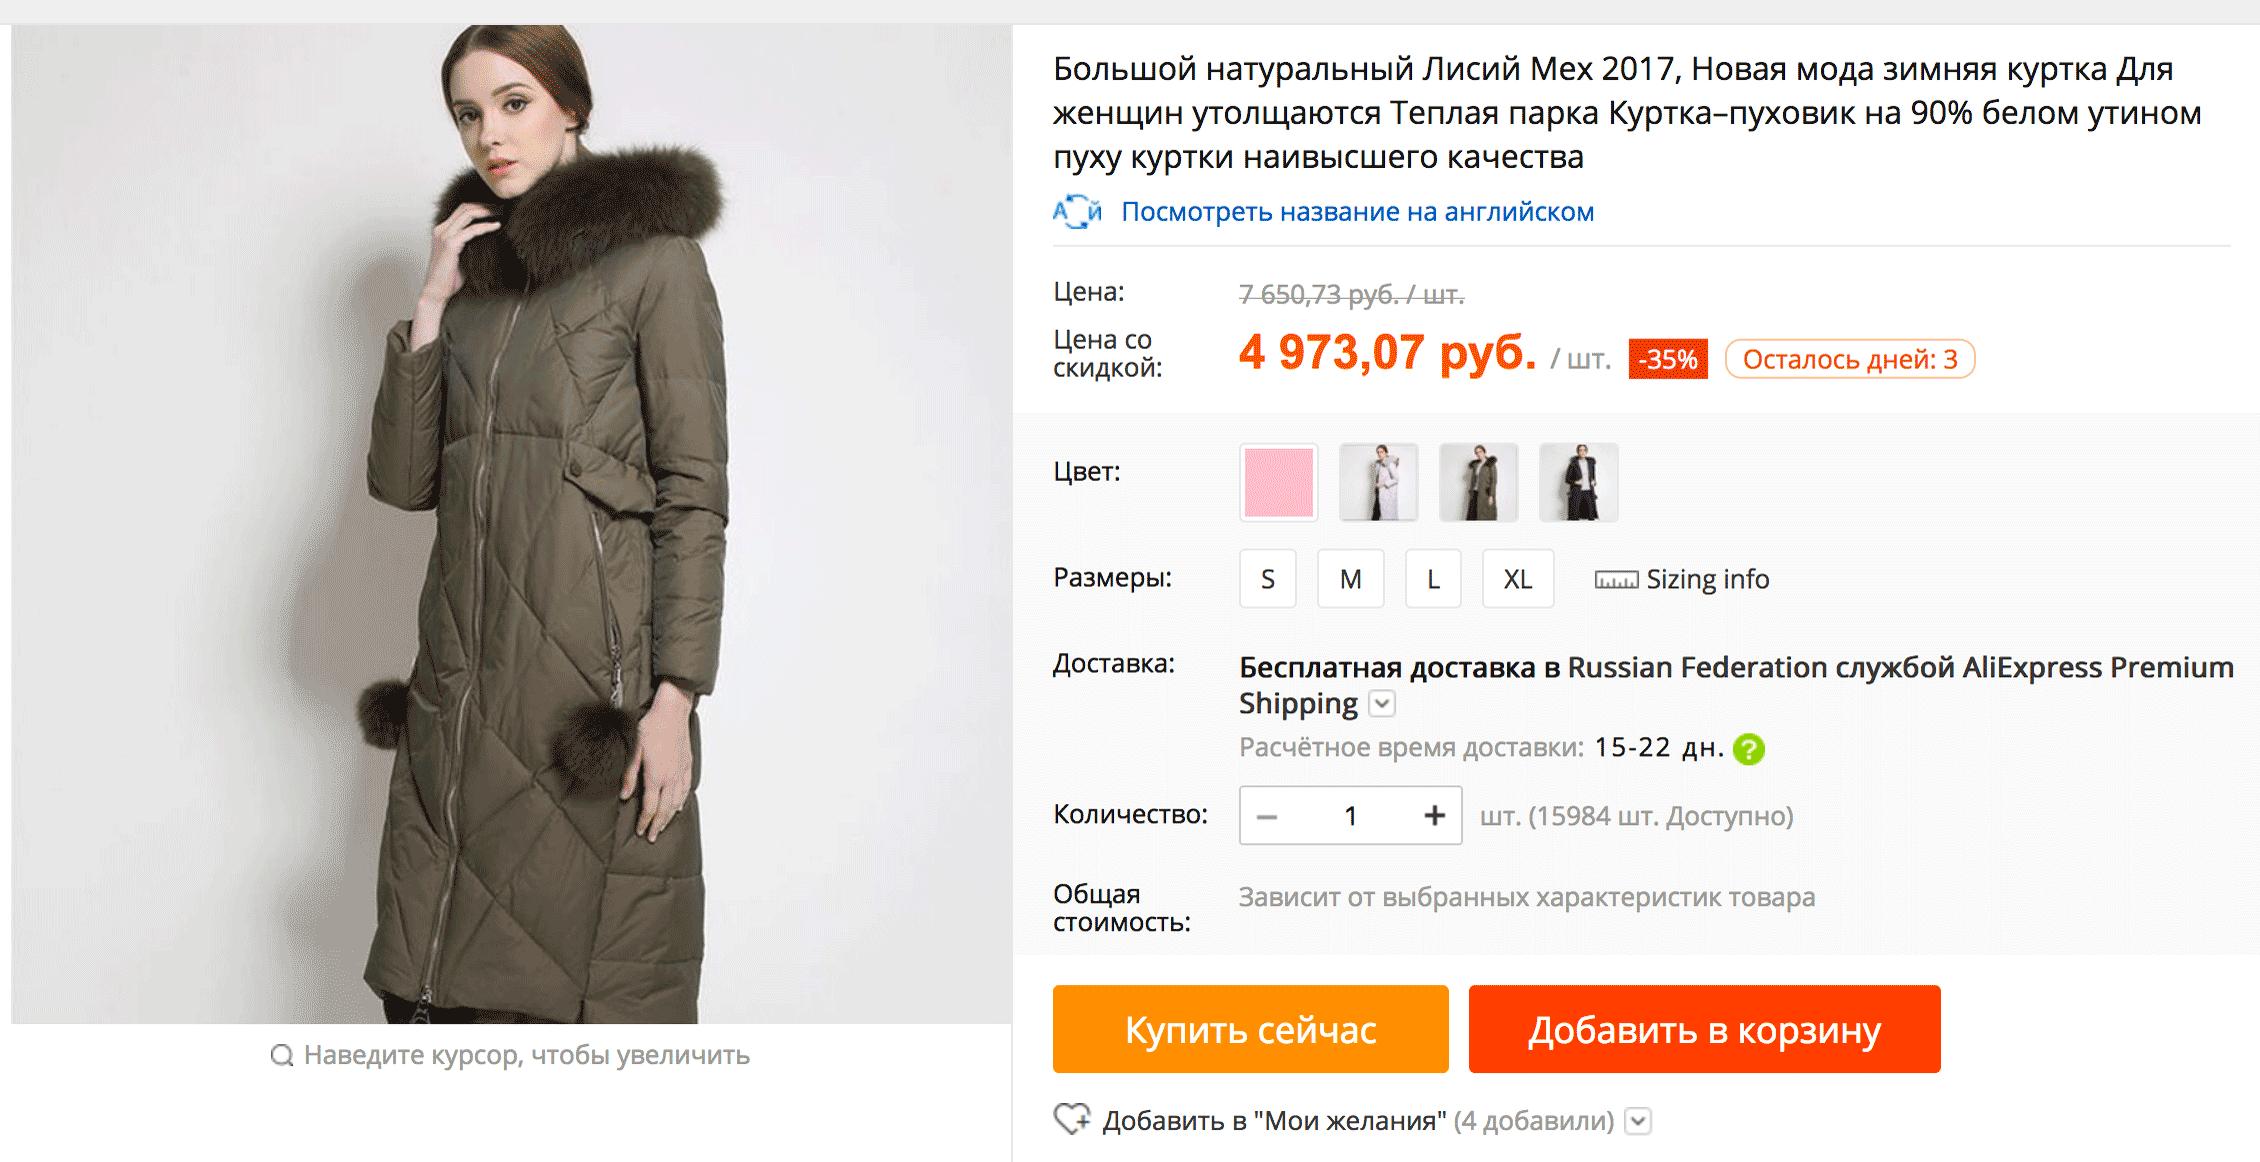 «Натуральный лисий мех» — так продавец заманивает неопытных русских покупательниц. Не ведитесь